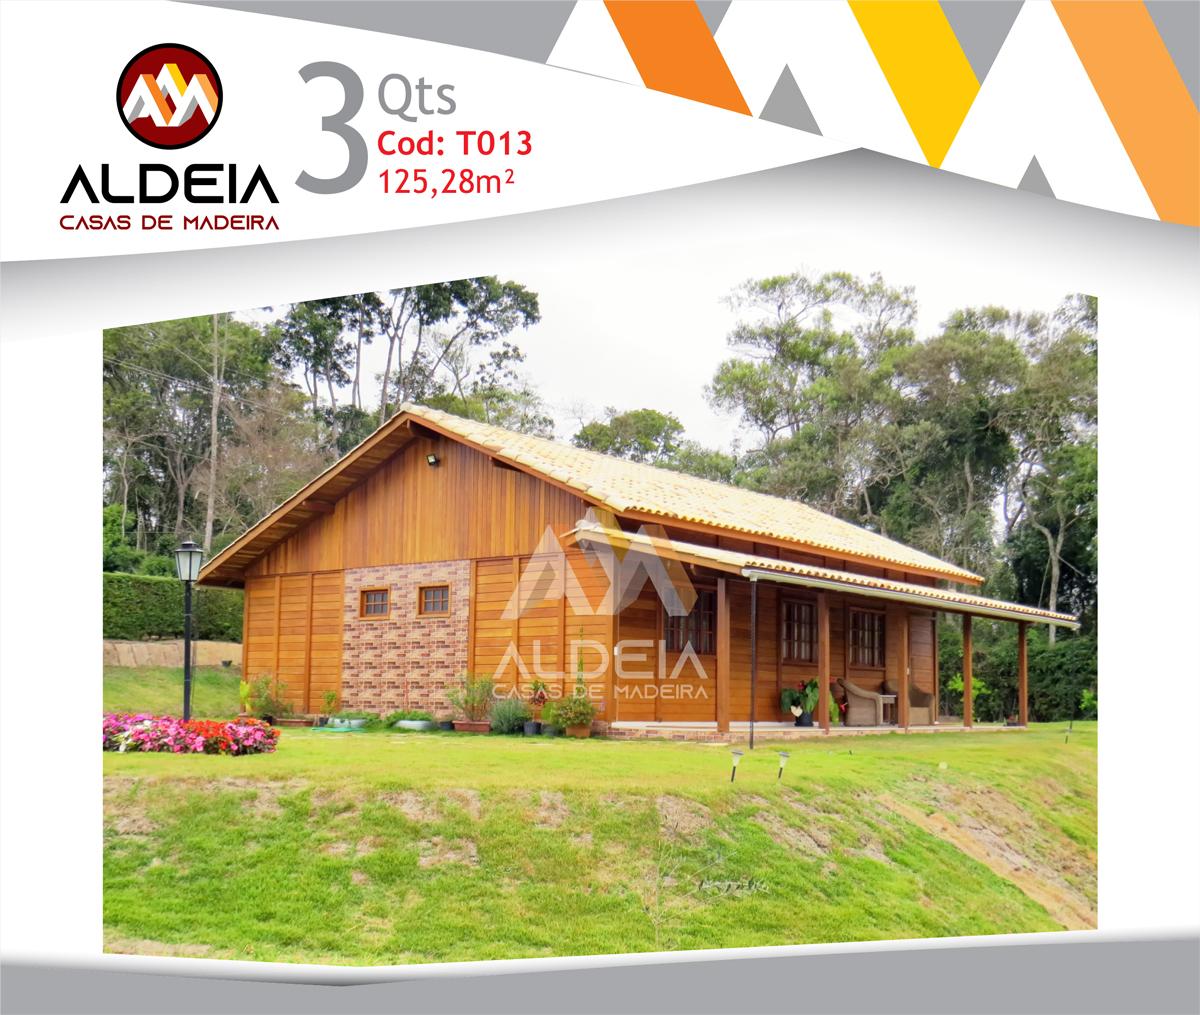 aldeia-casas-madeira-fachada-T013